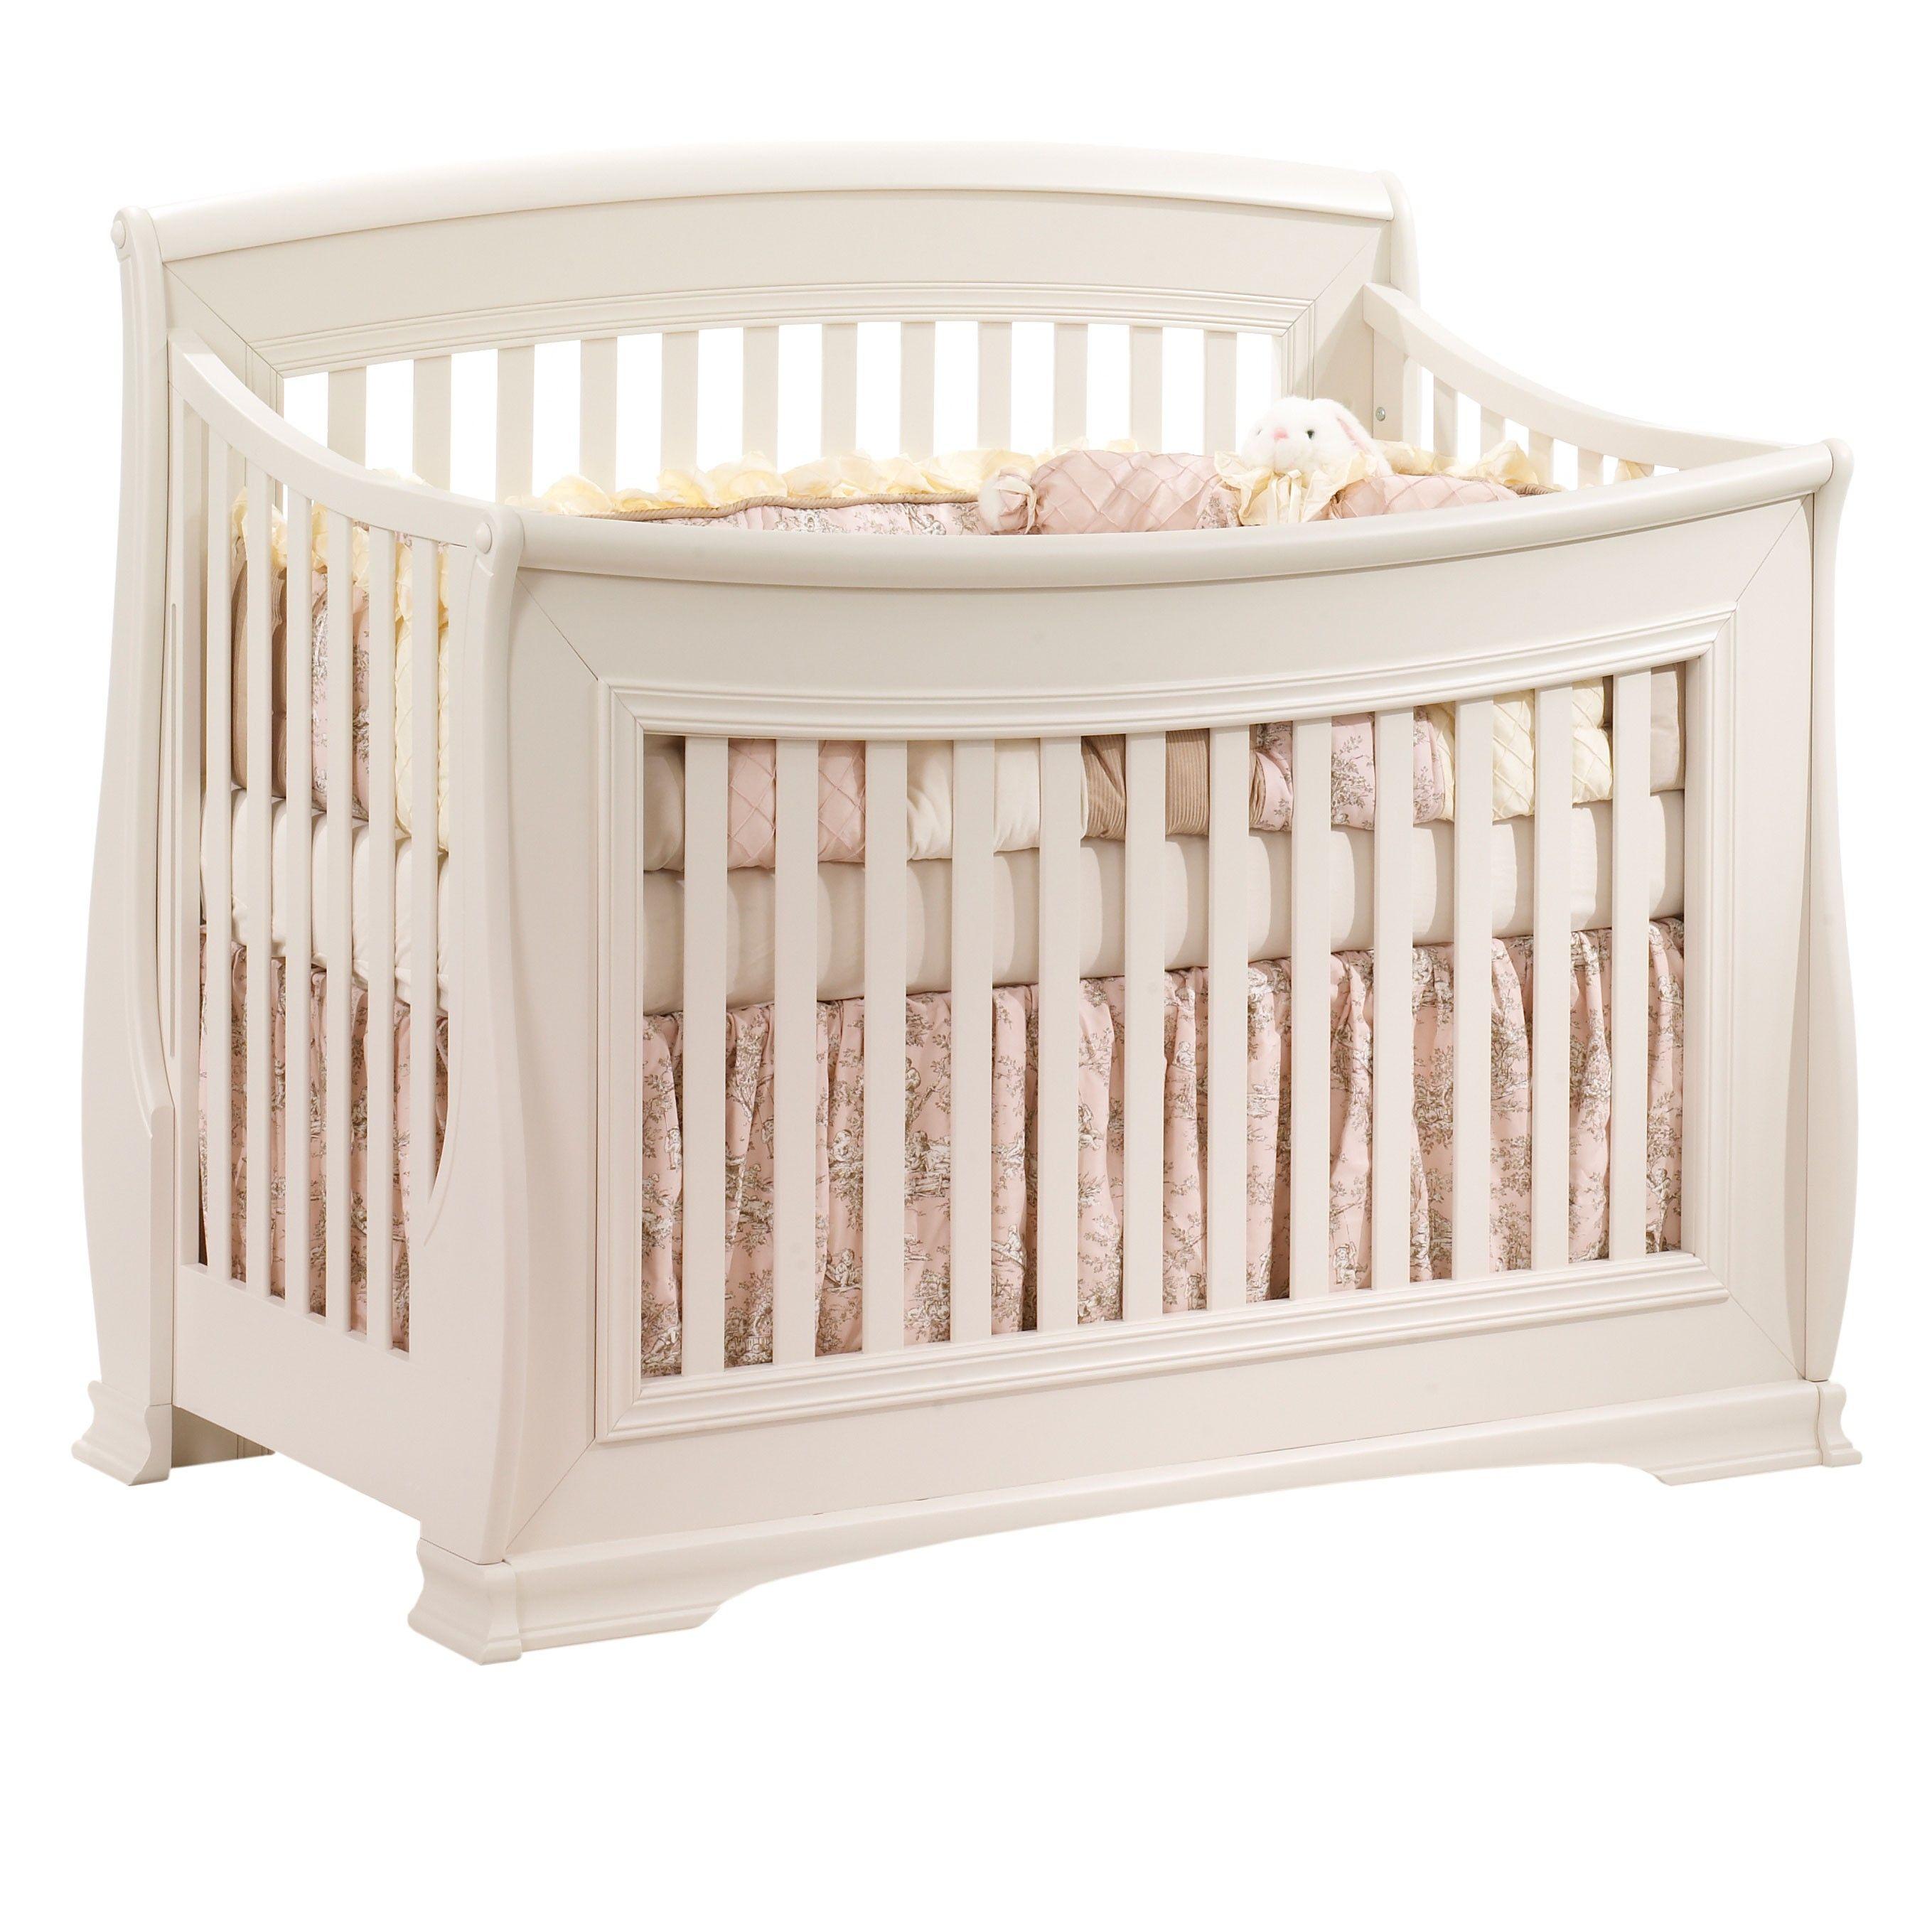 Natart Bella Collection Convertible Crib in Linen Cribs